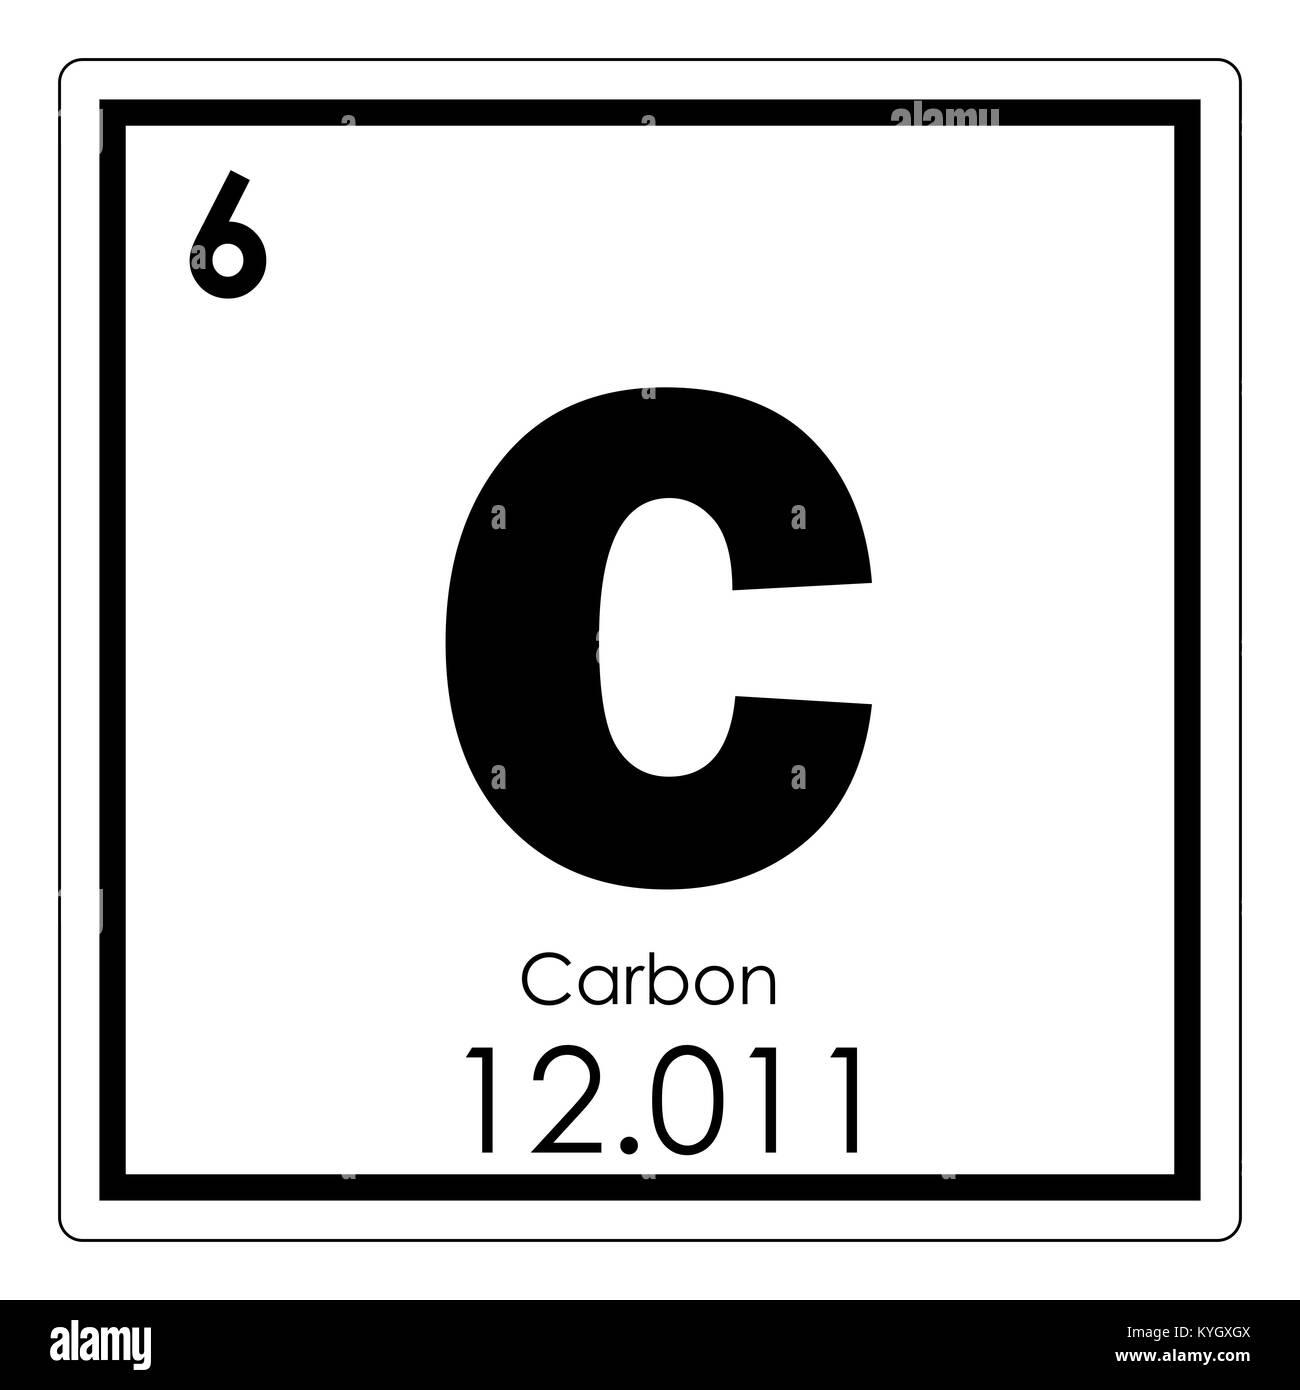 Tabla peridica de elementos qumicos de carbono ciencia smbolo tabla peridica de elementos qumicos de carbono ciencia smbolo urtaz Choice Image